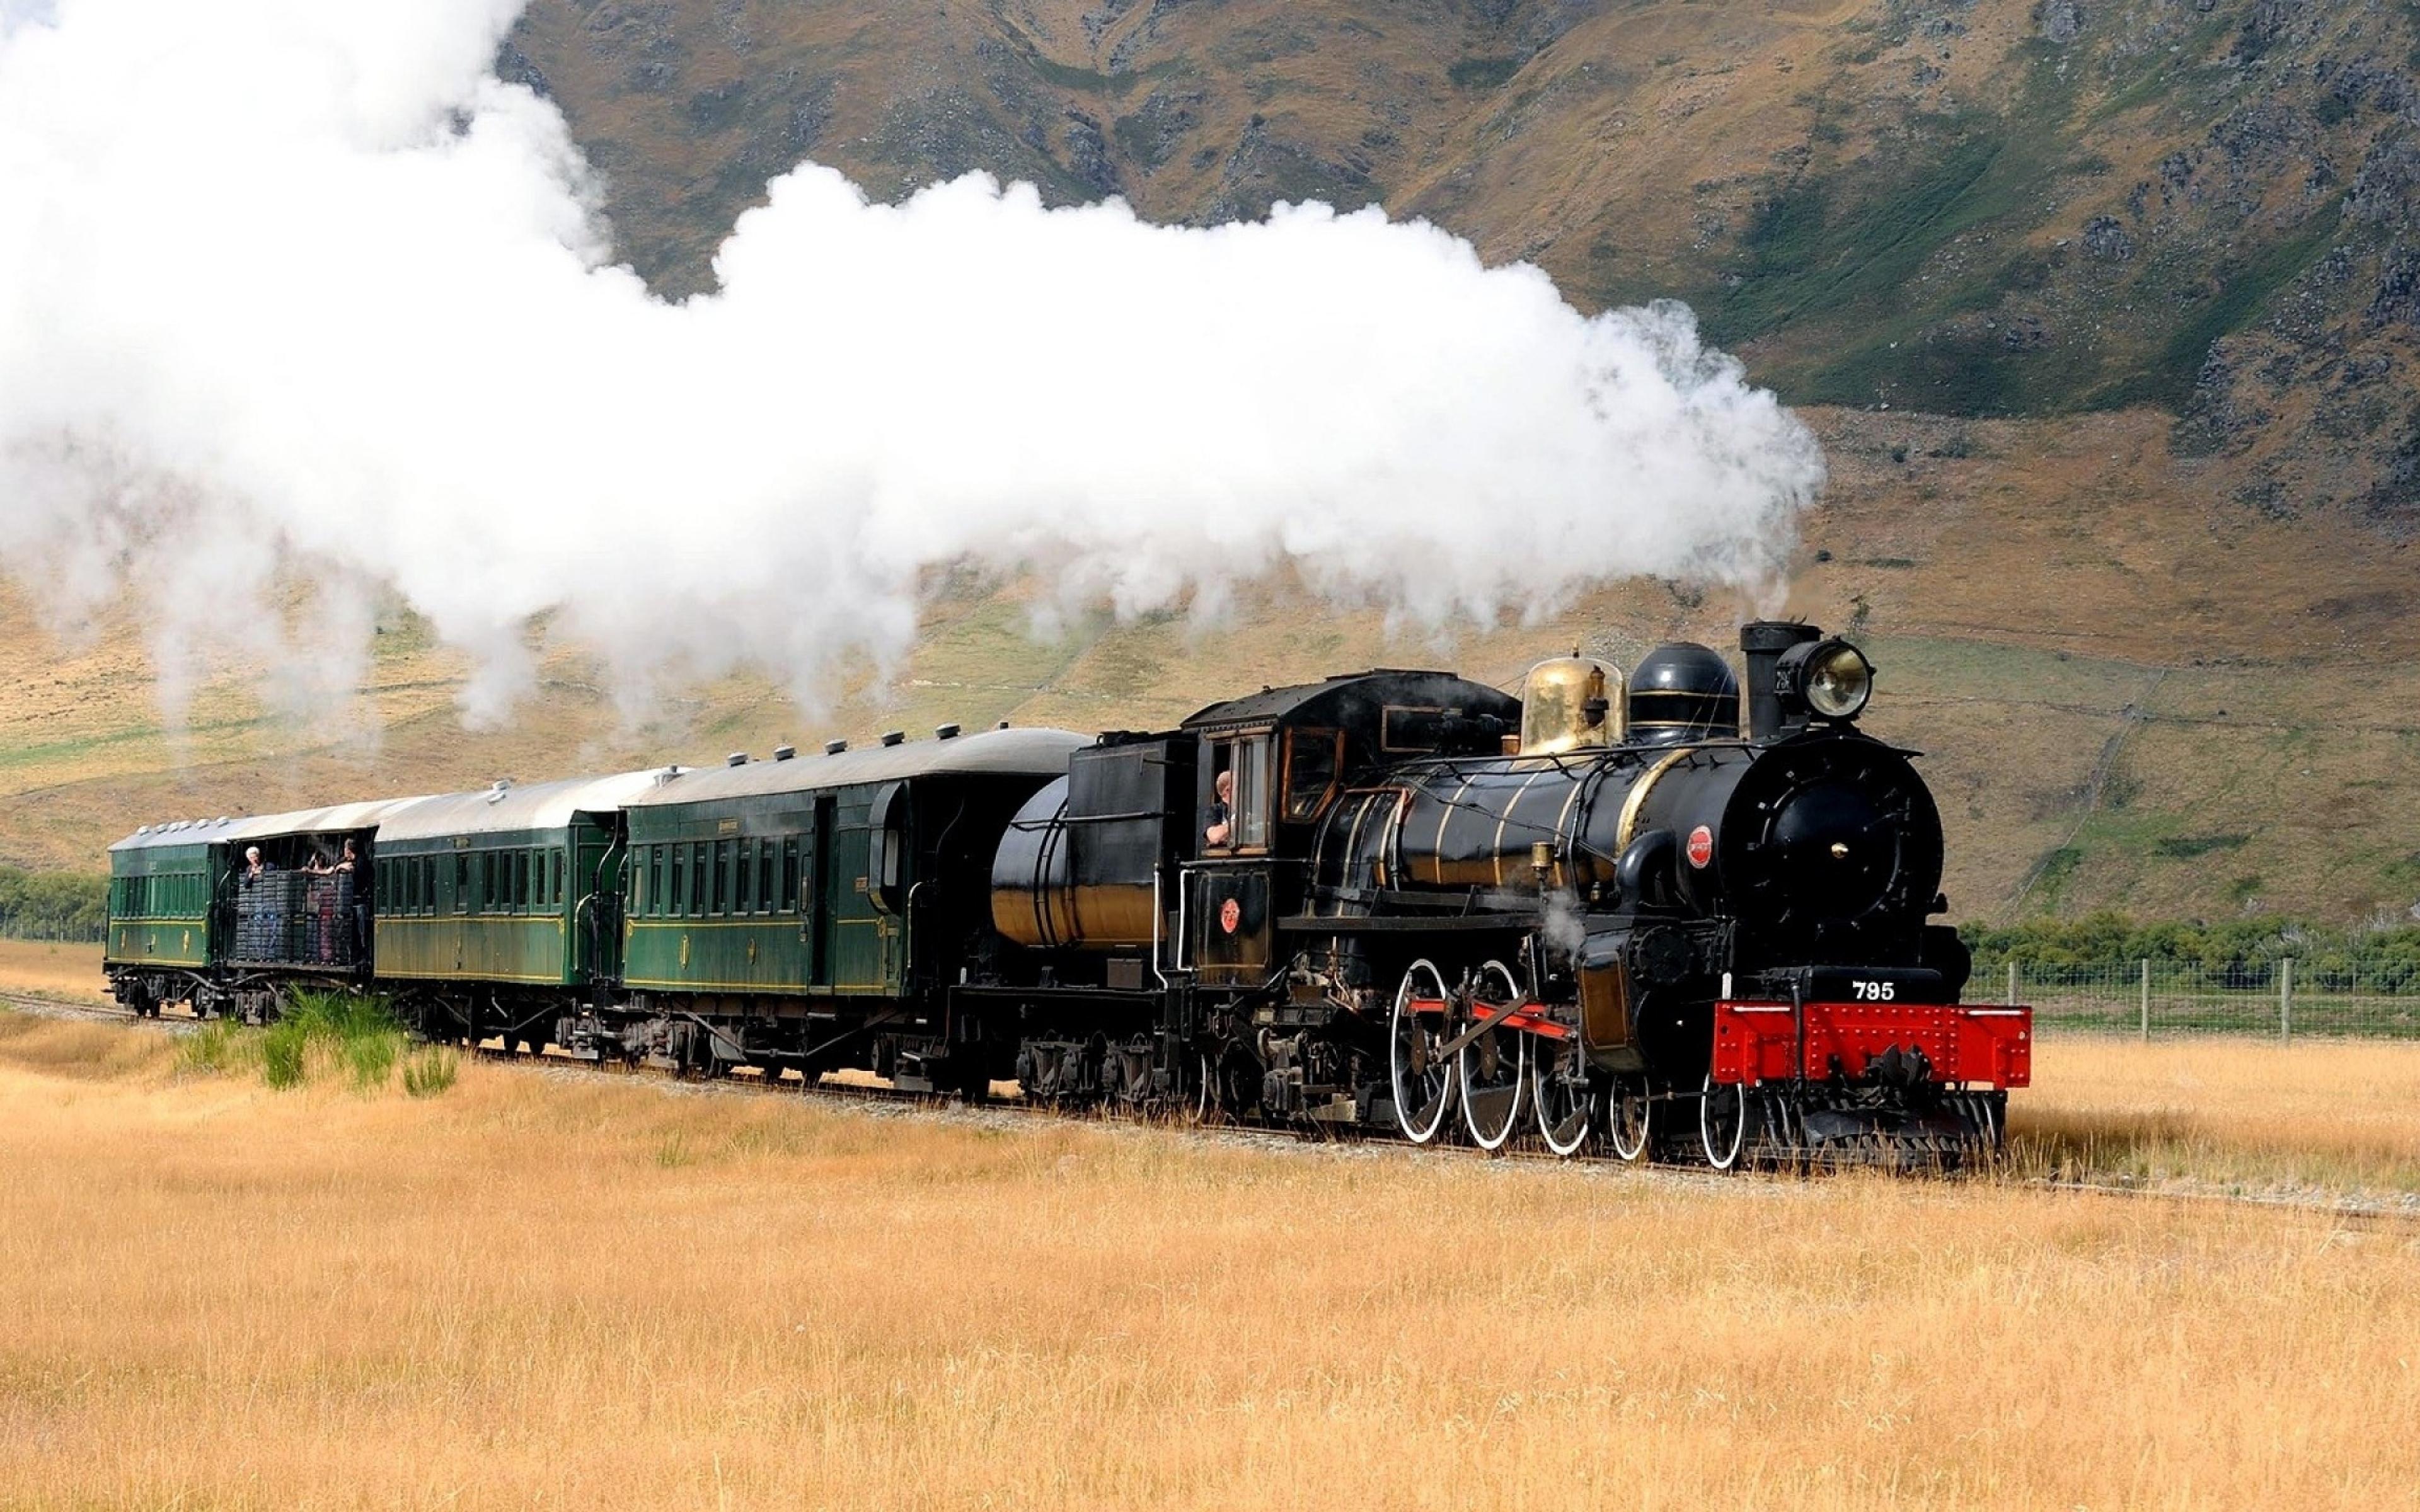 locomotive widescreen wallpaper 49208